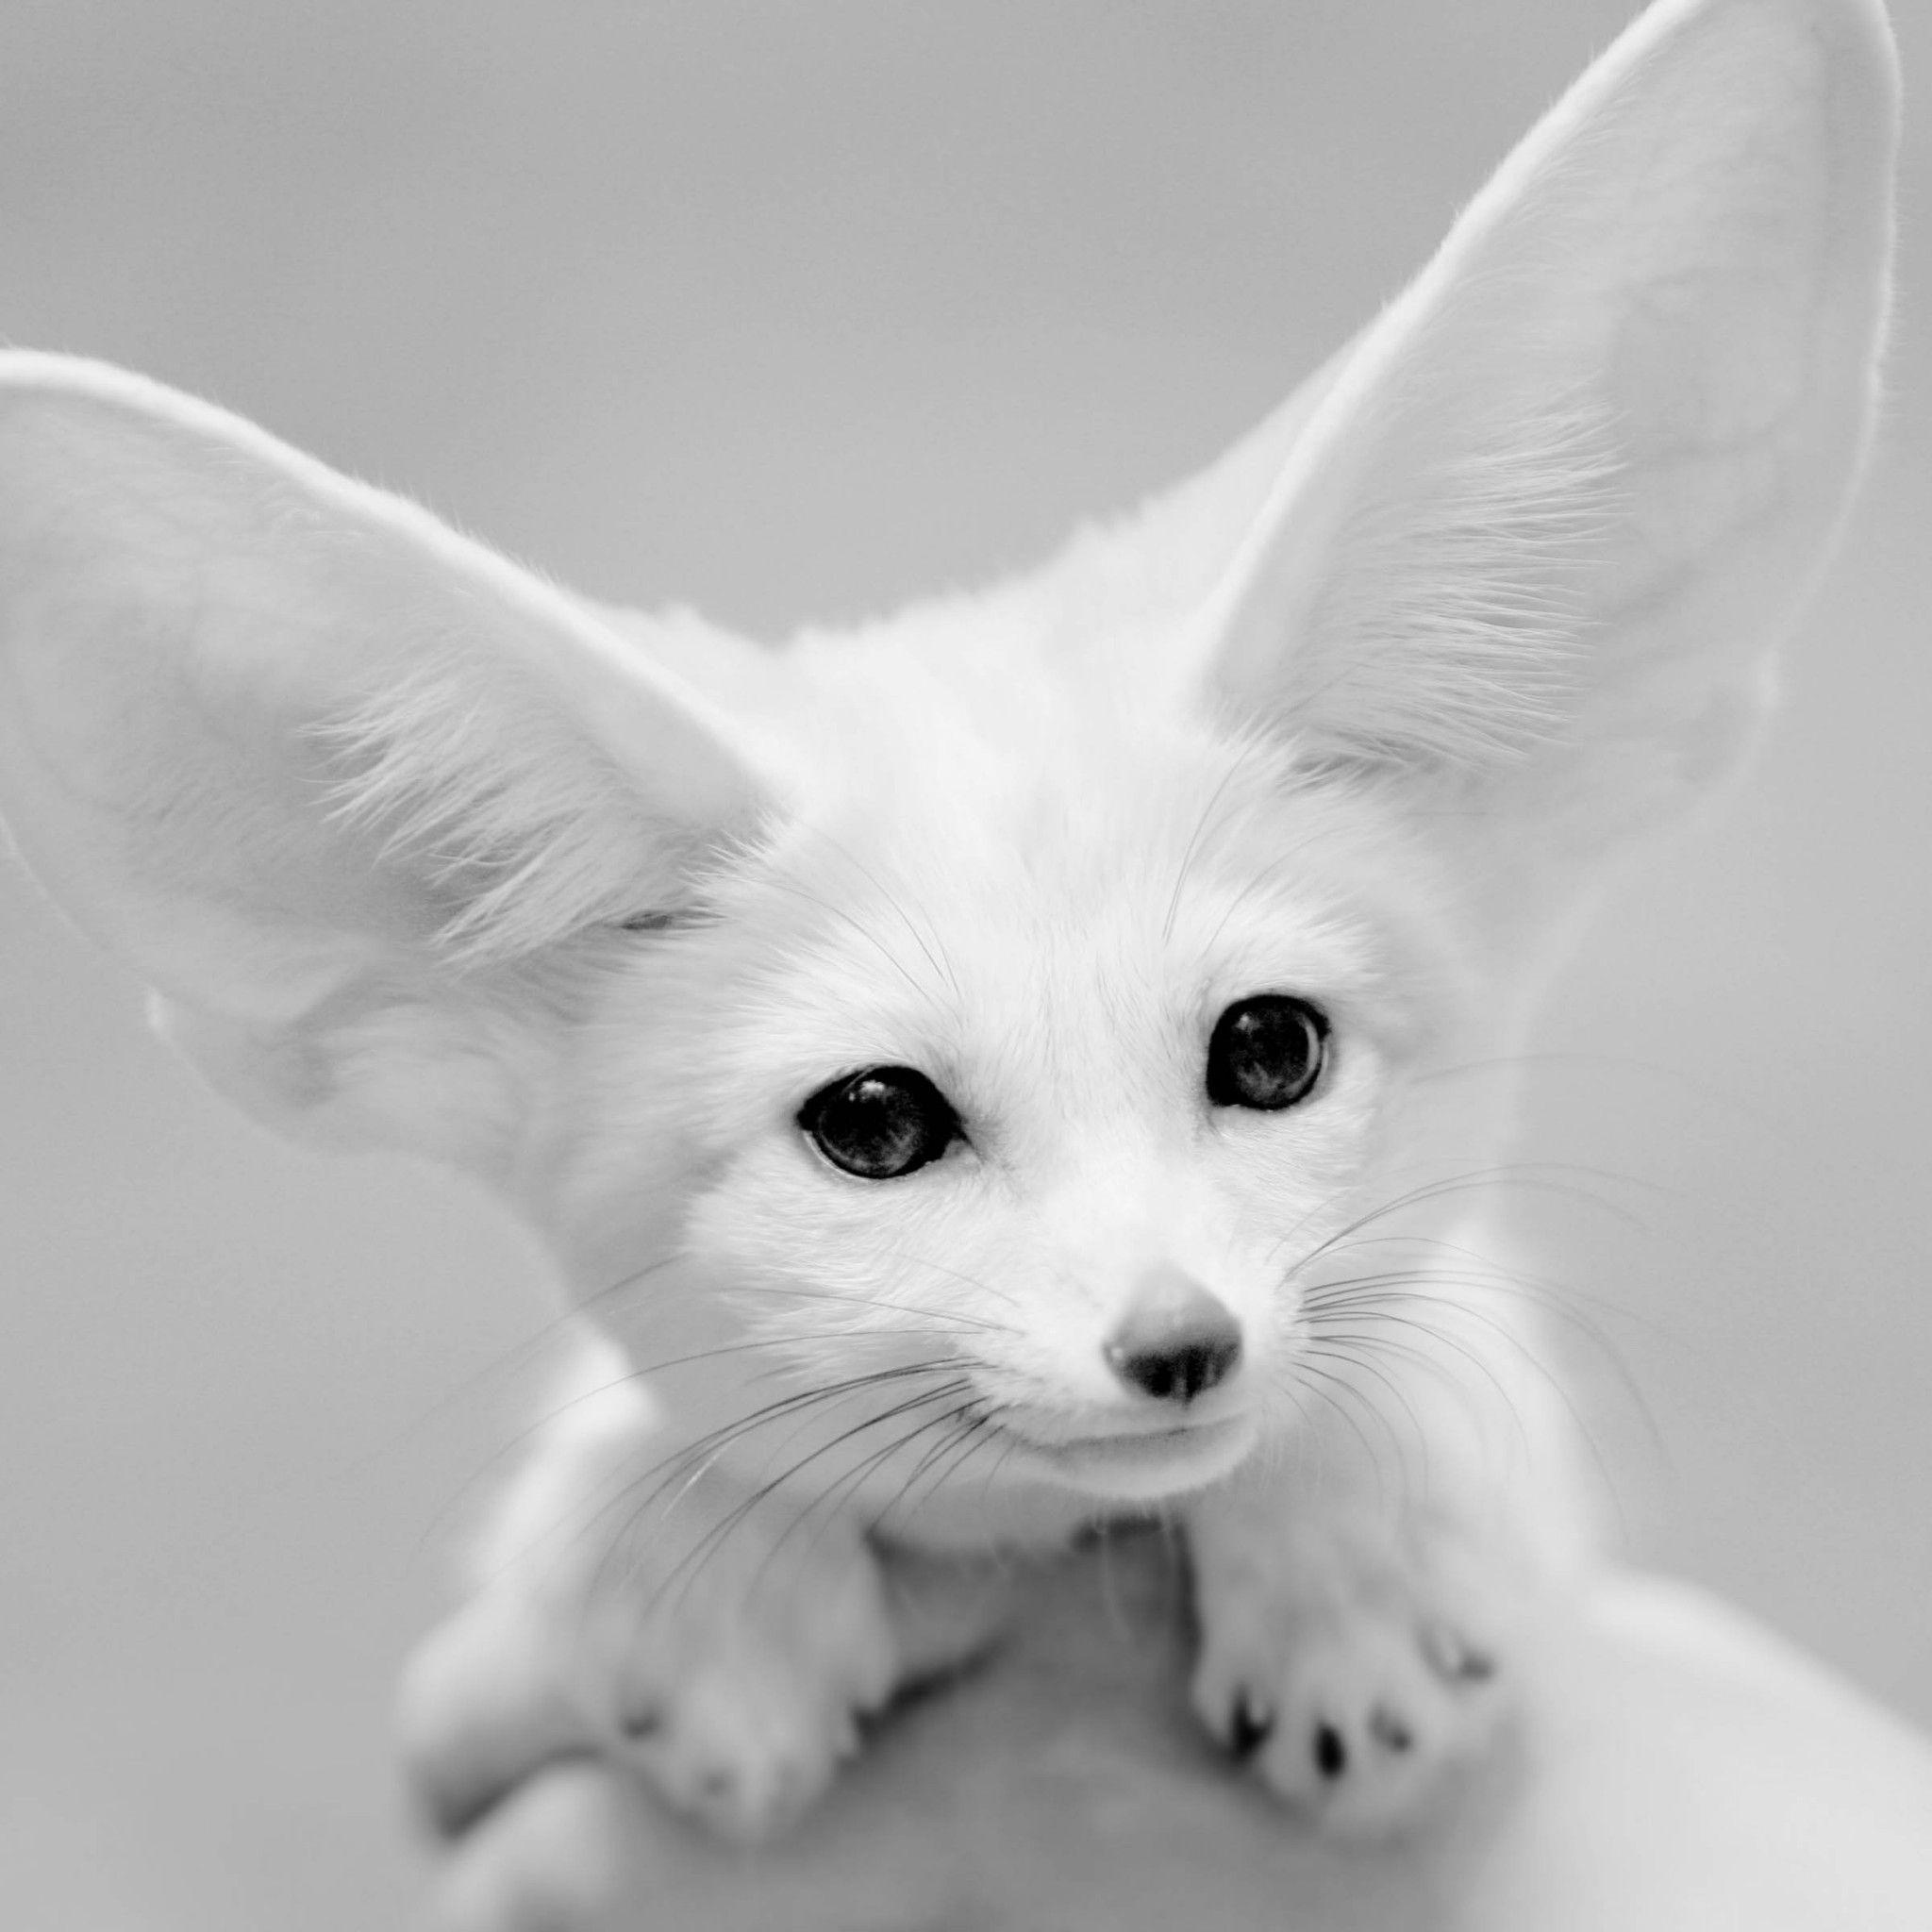 フェネック キツネ 無料壁紙高画質 Ipad タブレット壁紙ギャラリー 可愛すぎる動物 ペット 可愛い 動物